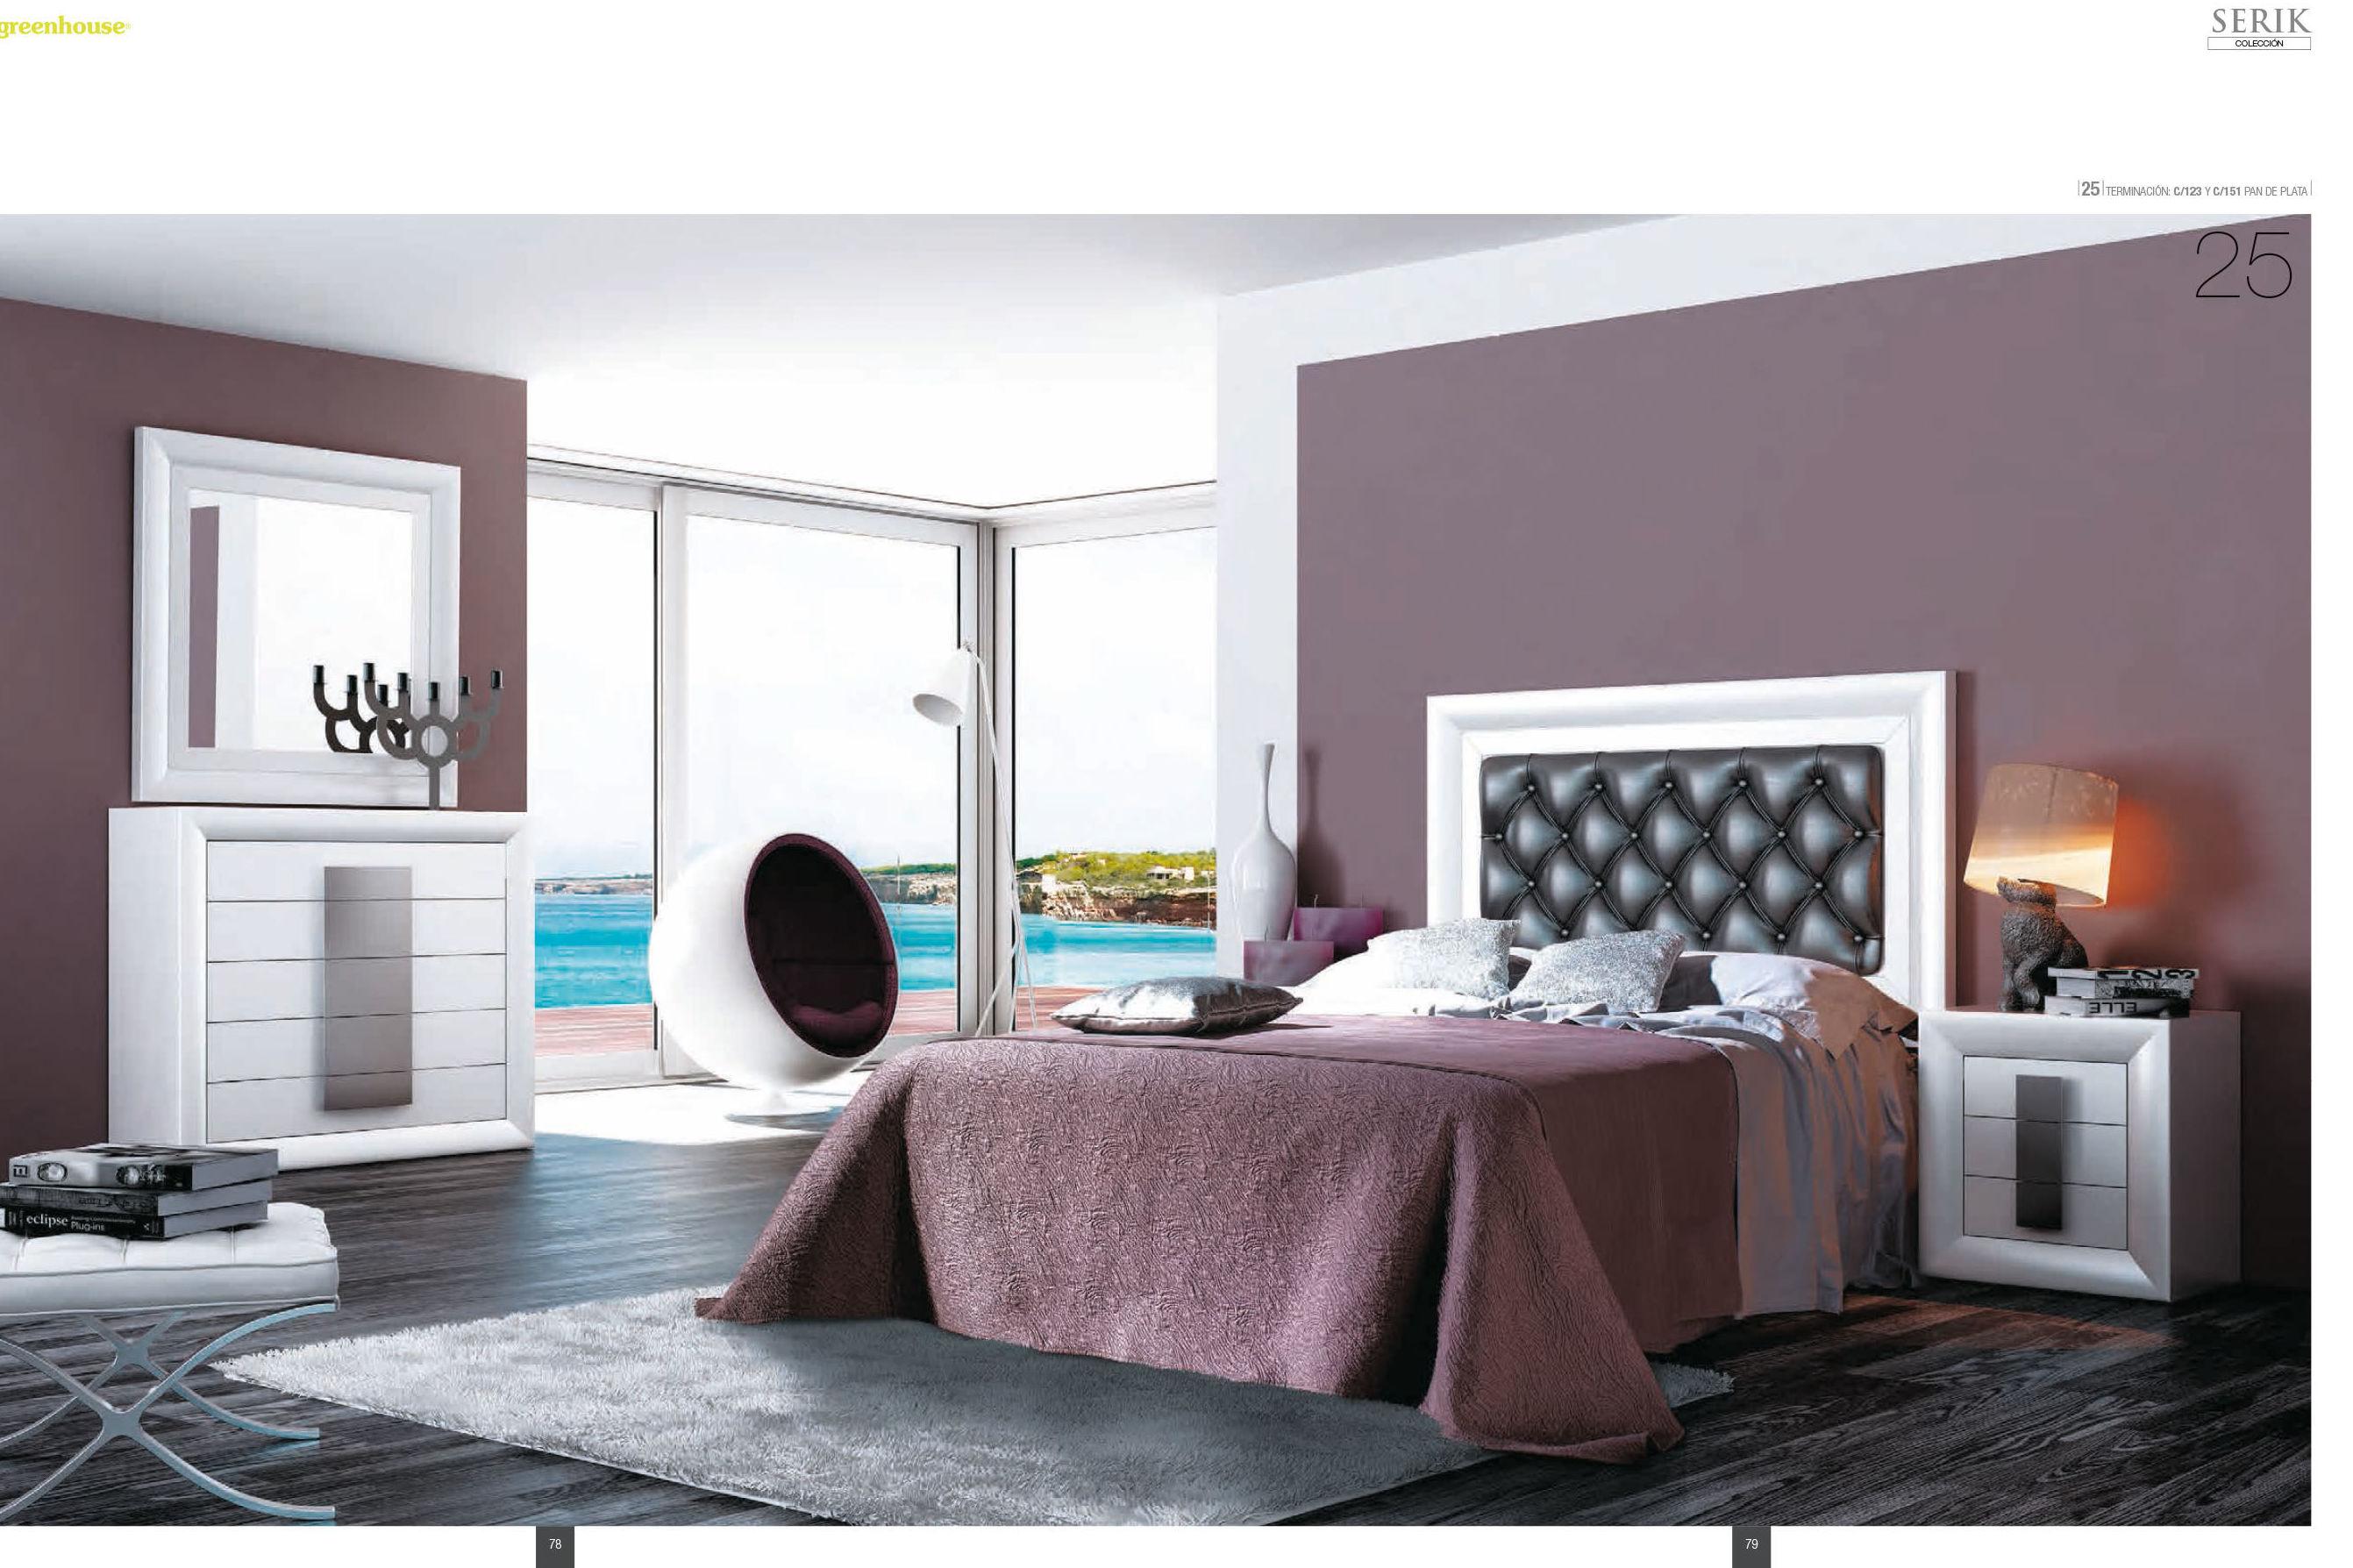 Furniture colecci n serik dormitorios y salones cat logo for Muebles y complementos